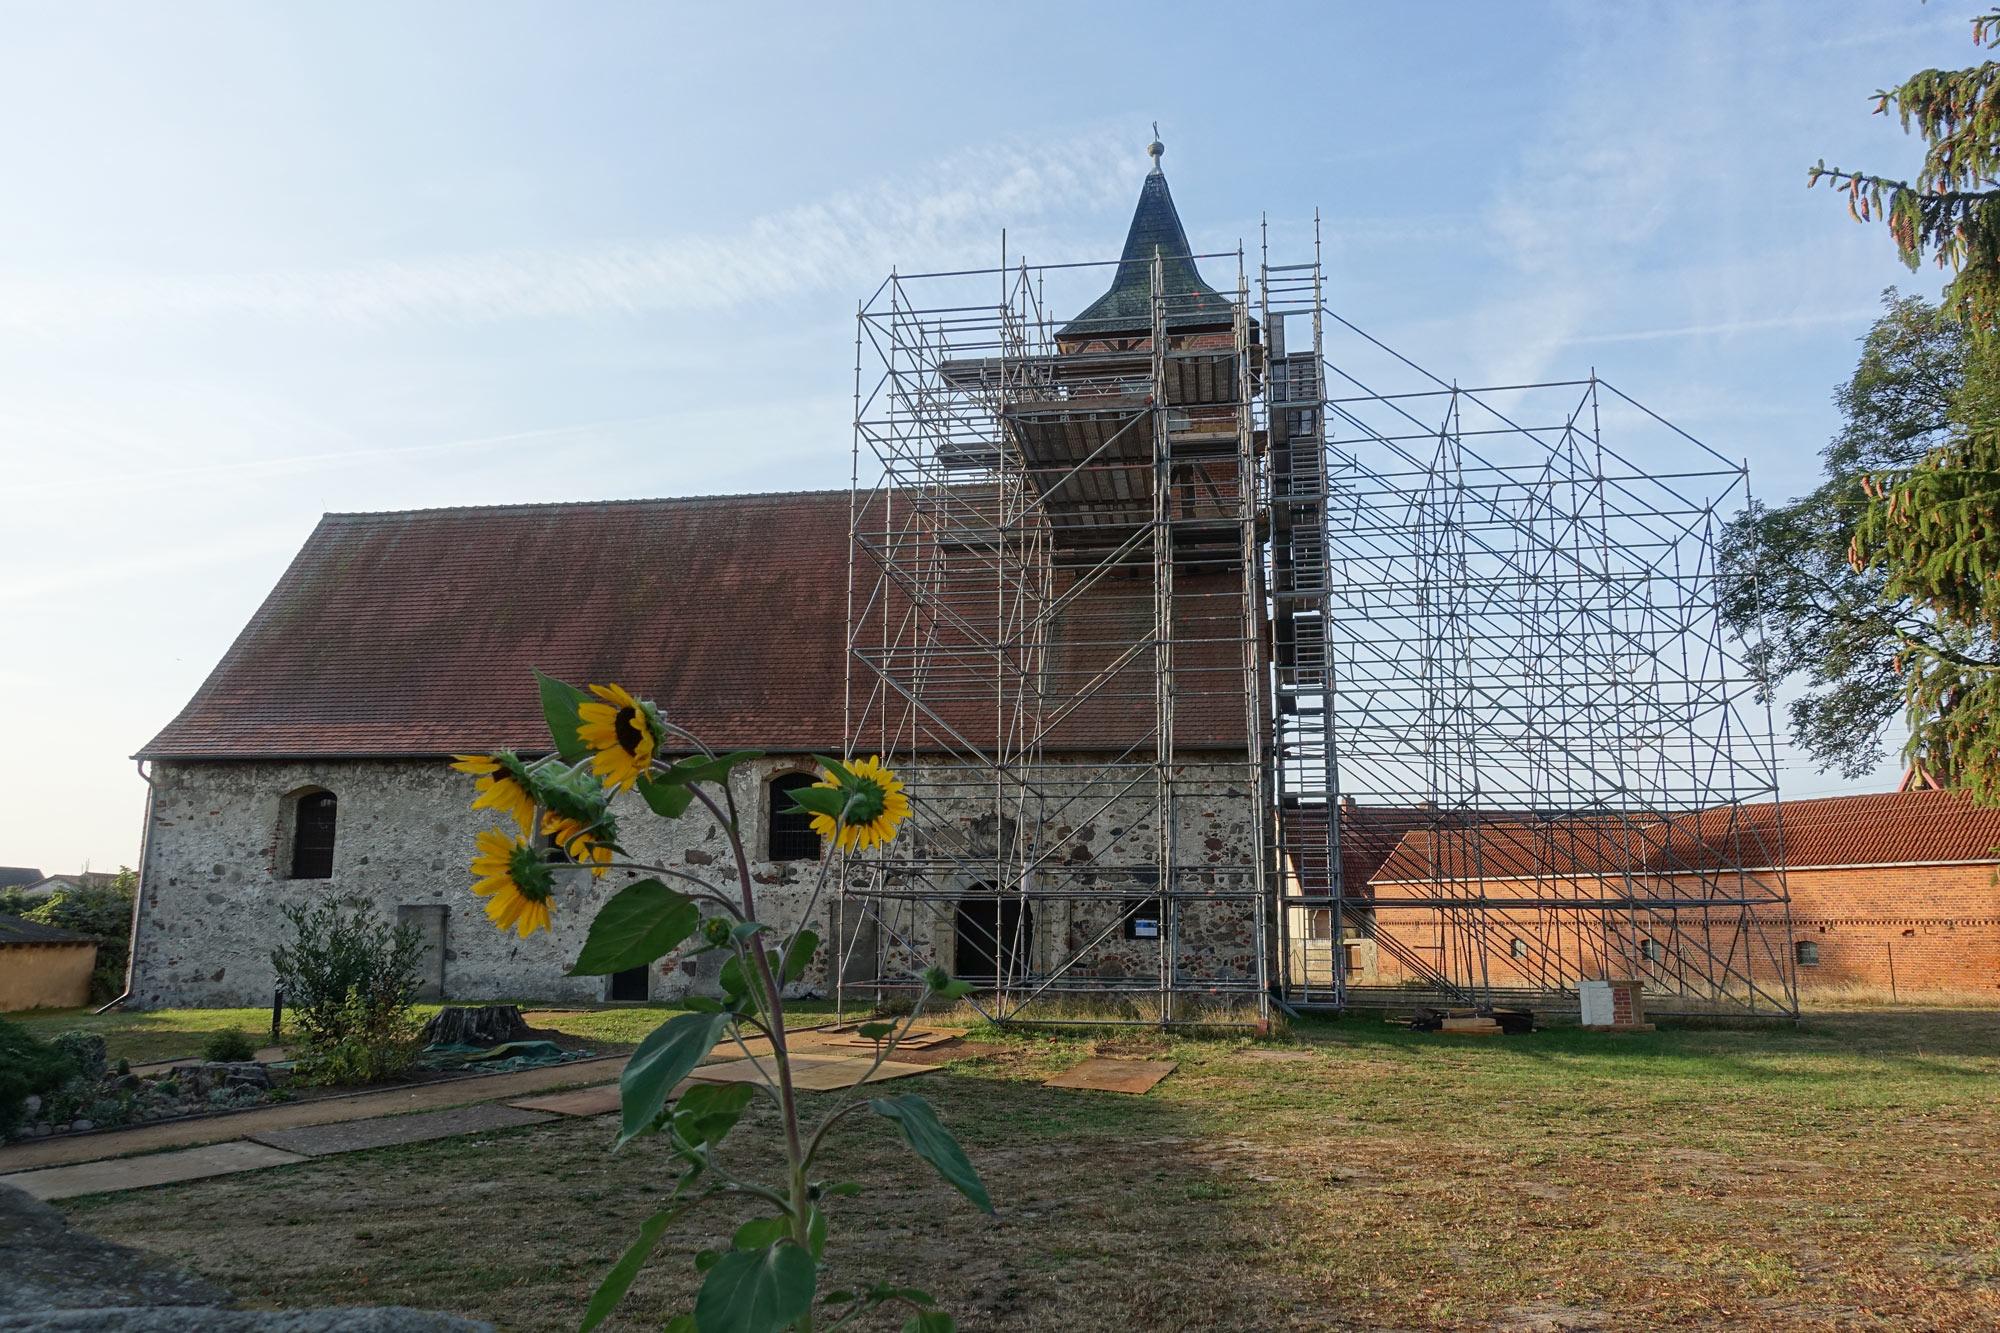 Dorfkirche Berge von außen mit Gerüst